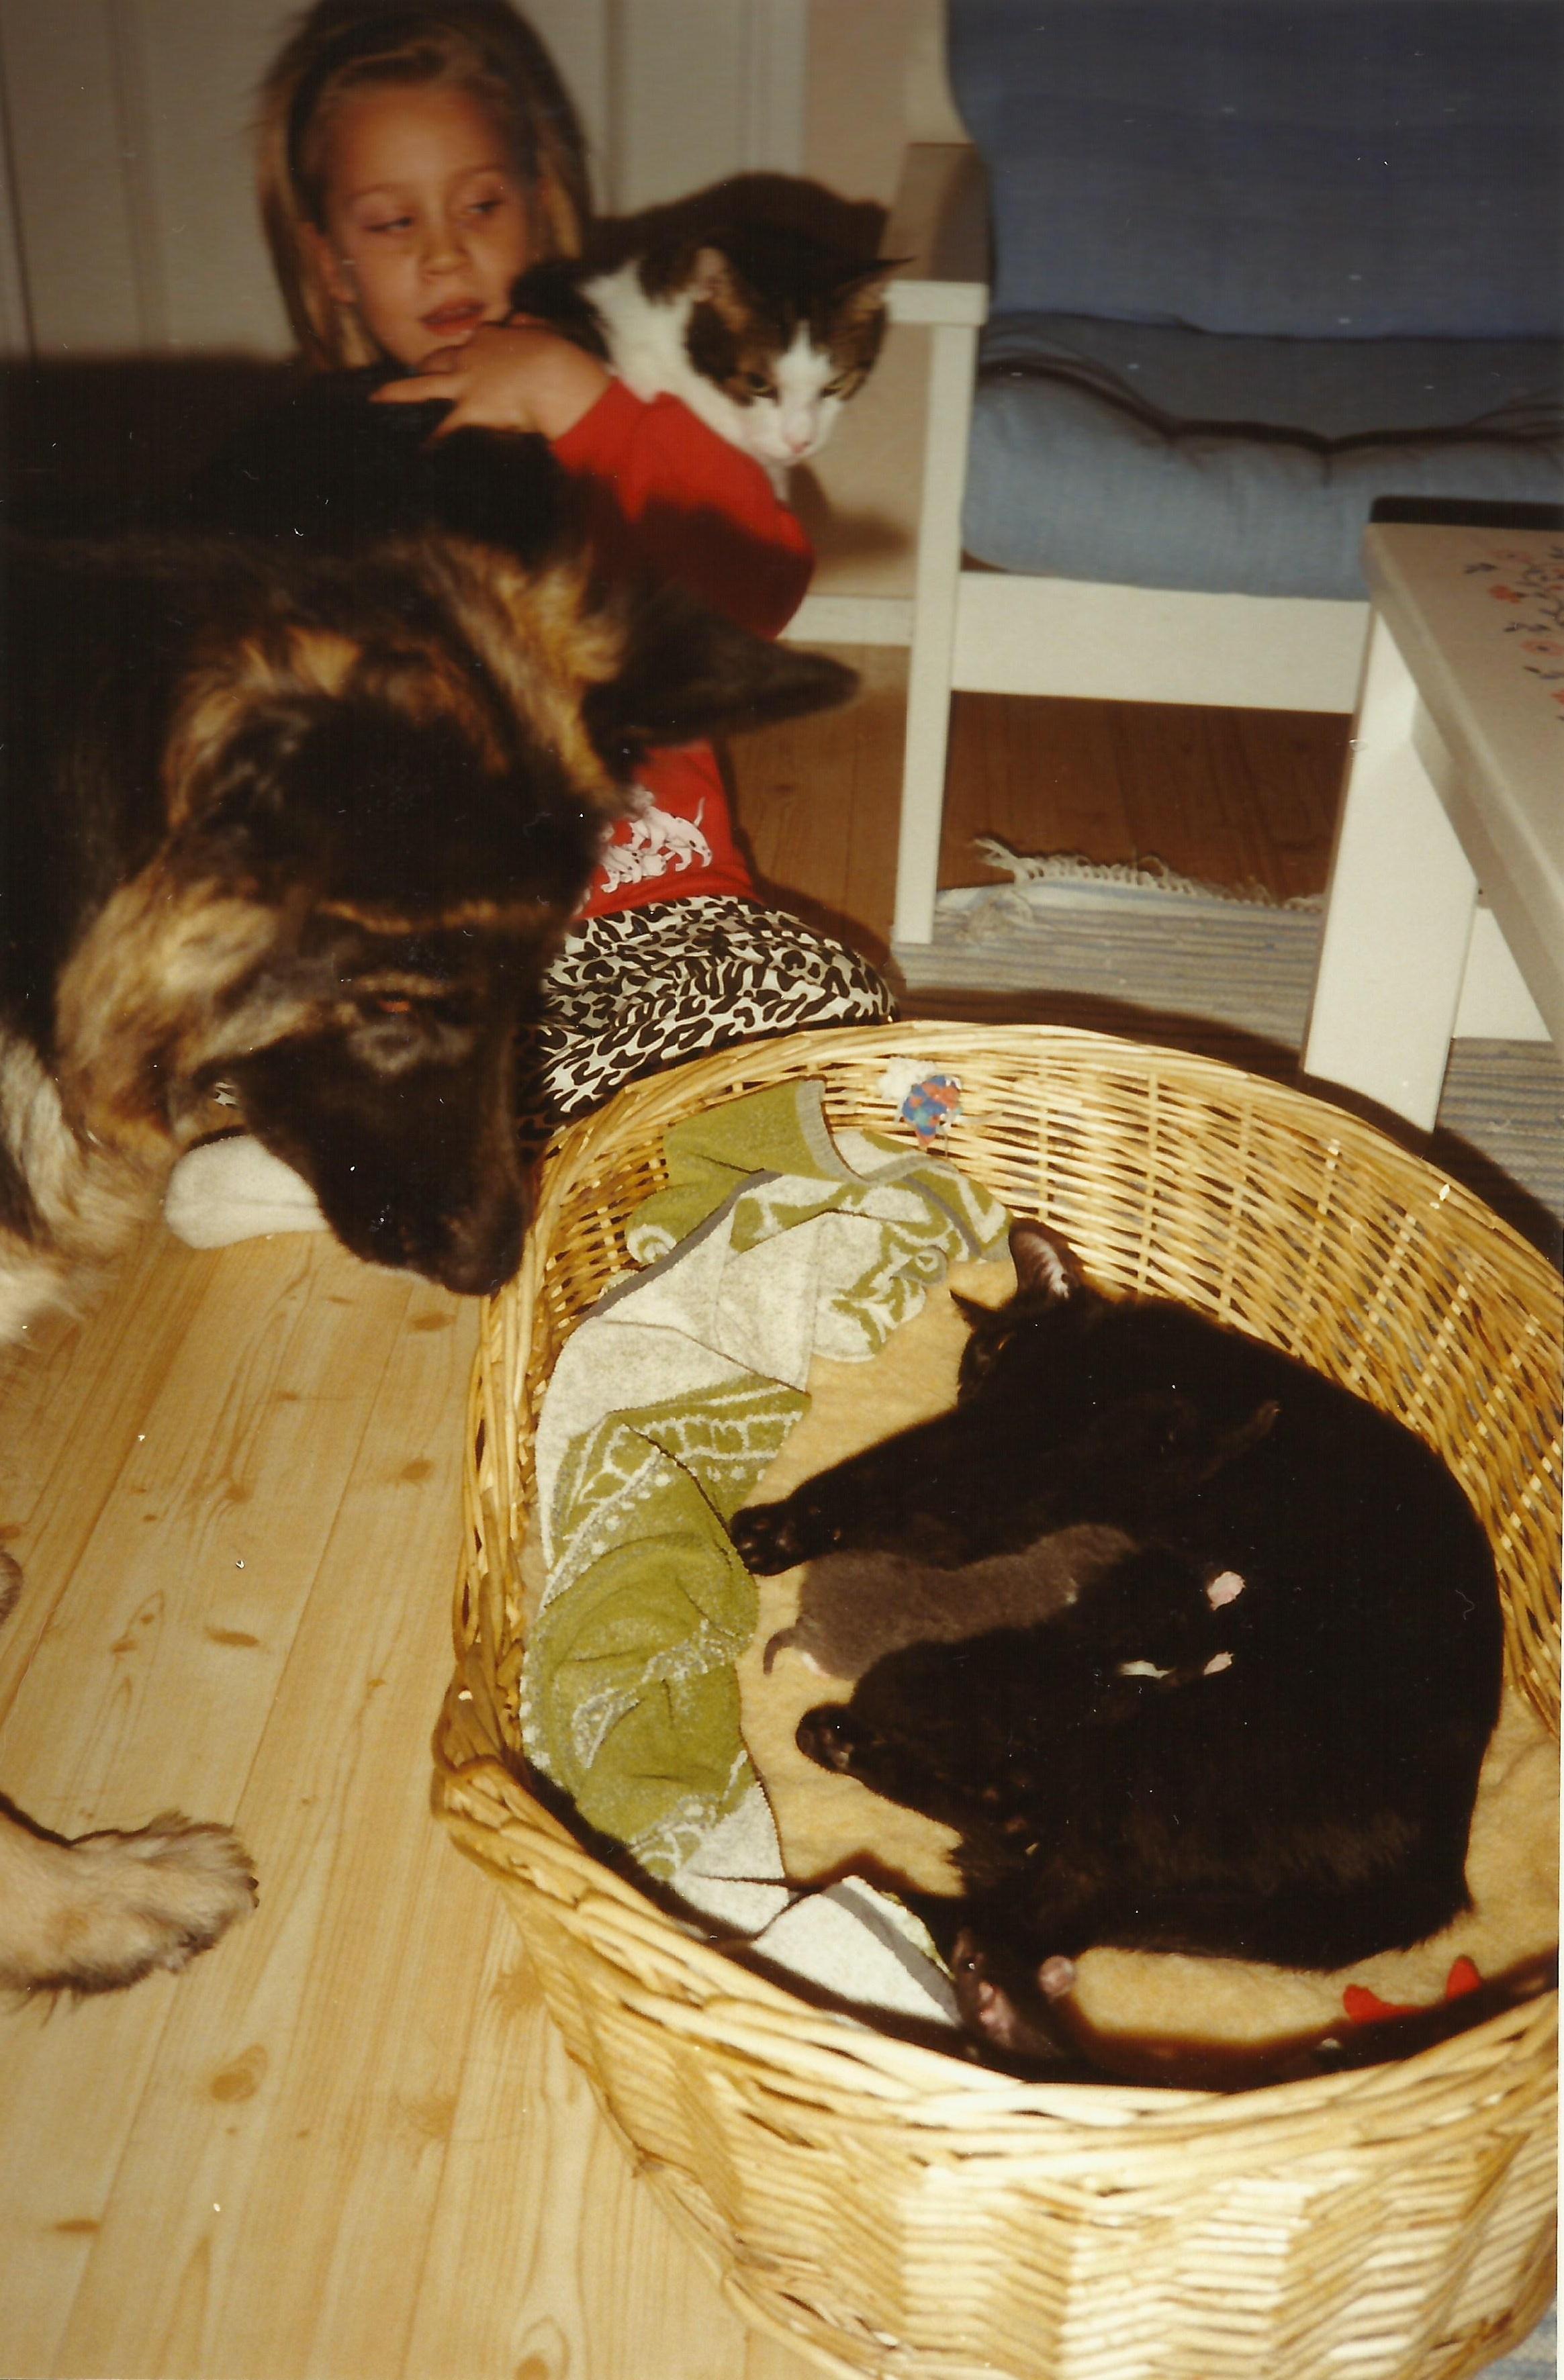 dec 1993 Familjefoto av Missan och barnen med Fjant, Zentha och längst ner i korgen lille Movve. Lillmatte Catharina håller Fjant.